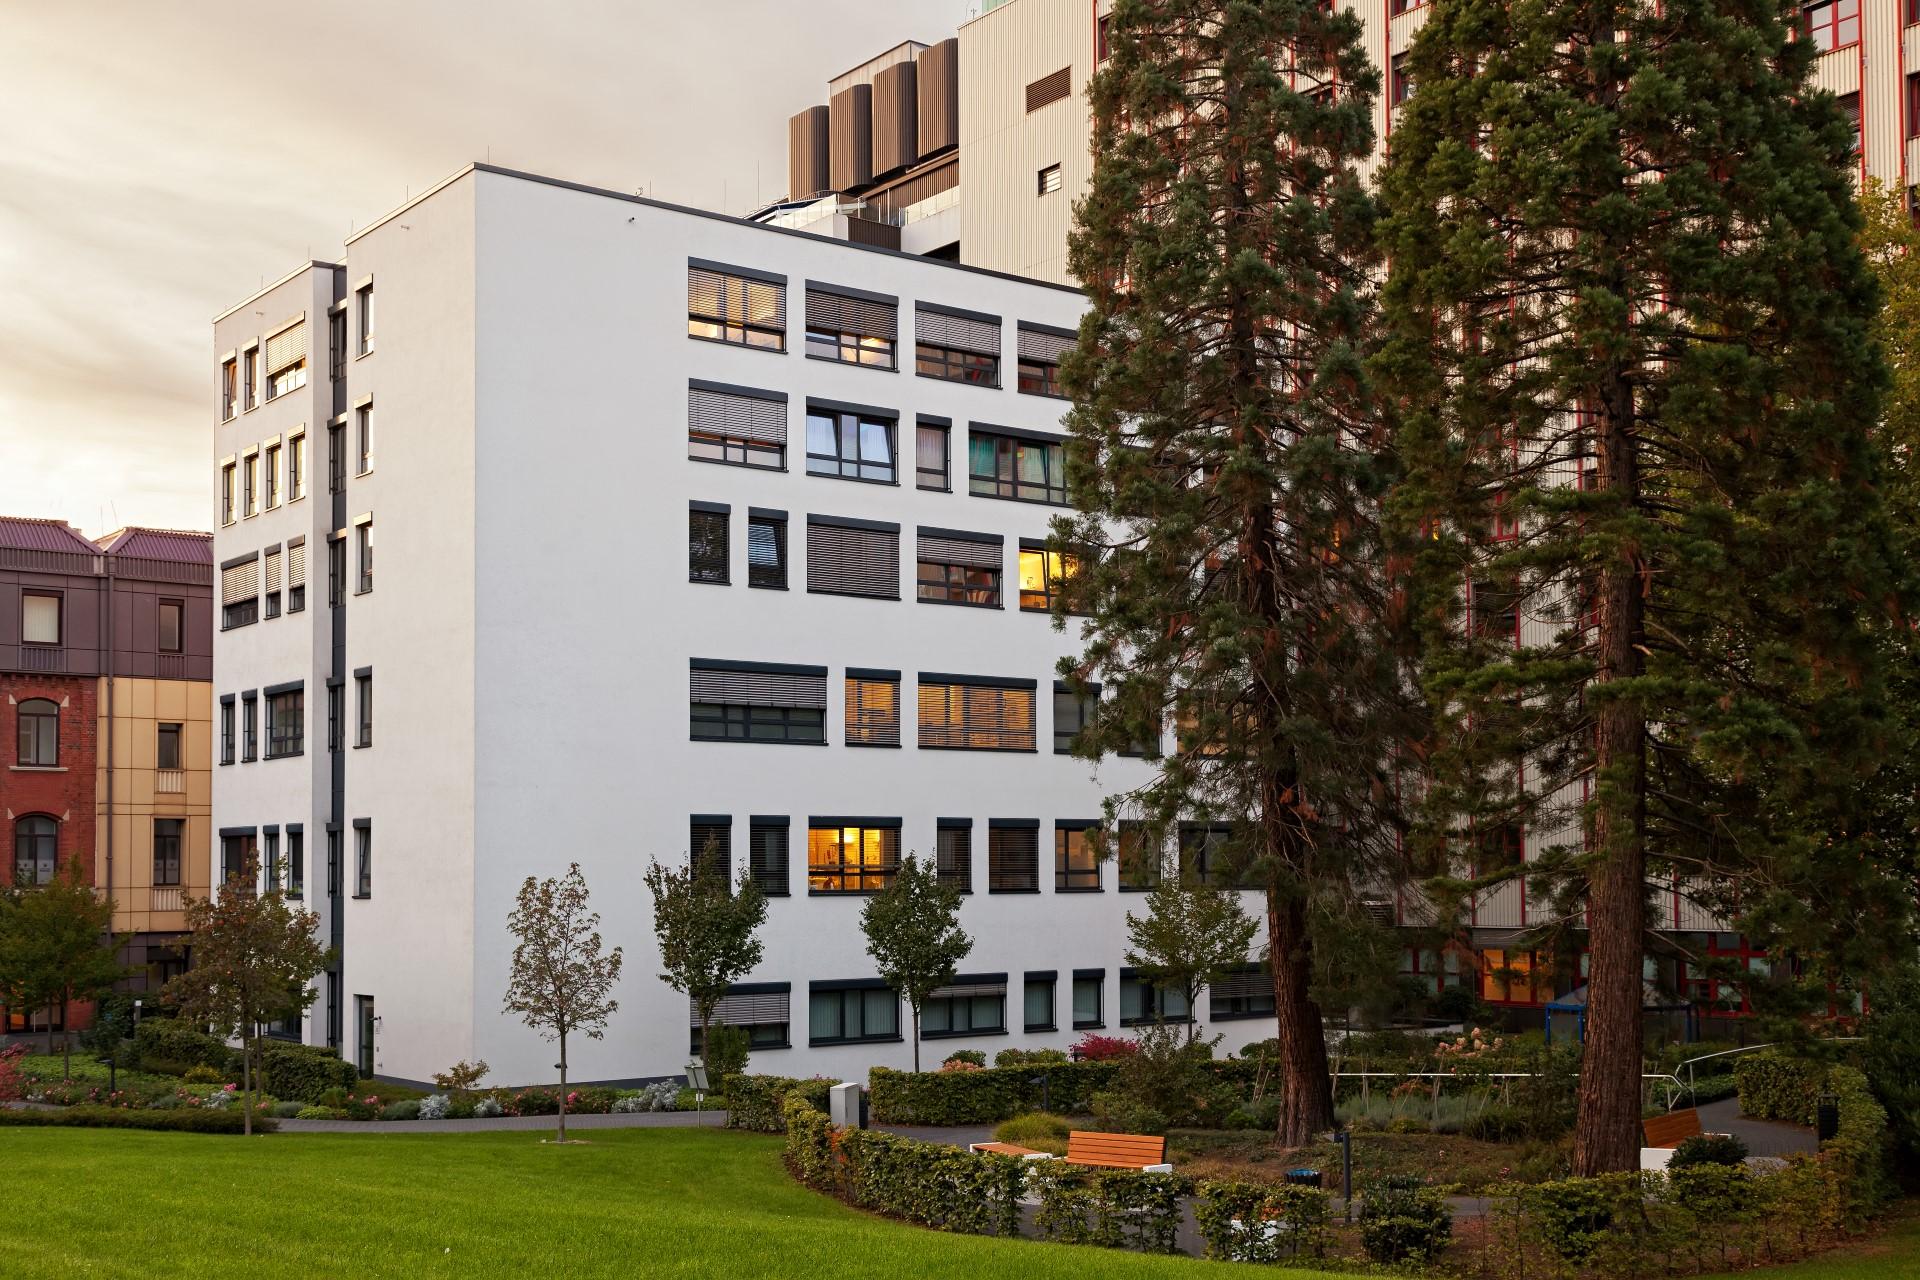 Evangelisches Krankenhaus Mülheim Ad Ruhr Ripkens Wiesenkämper